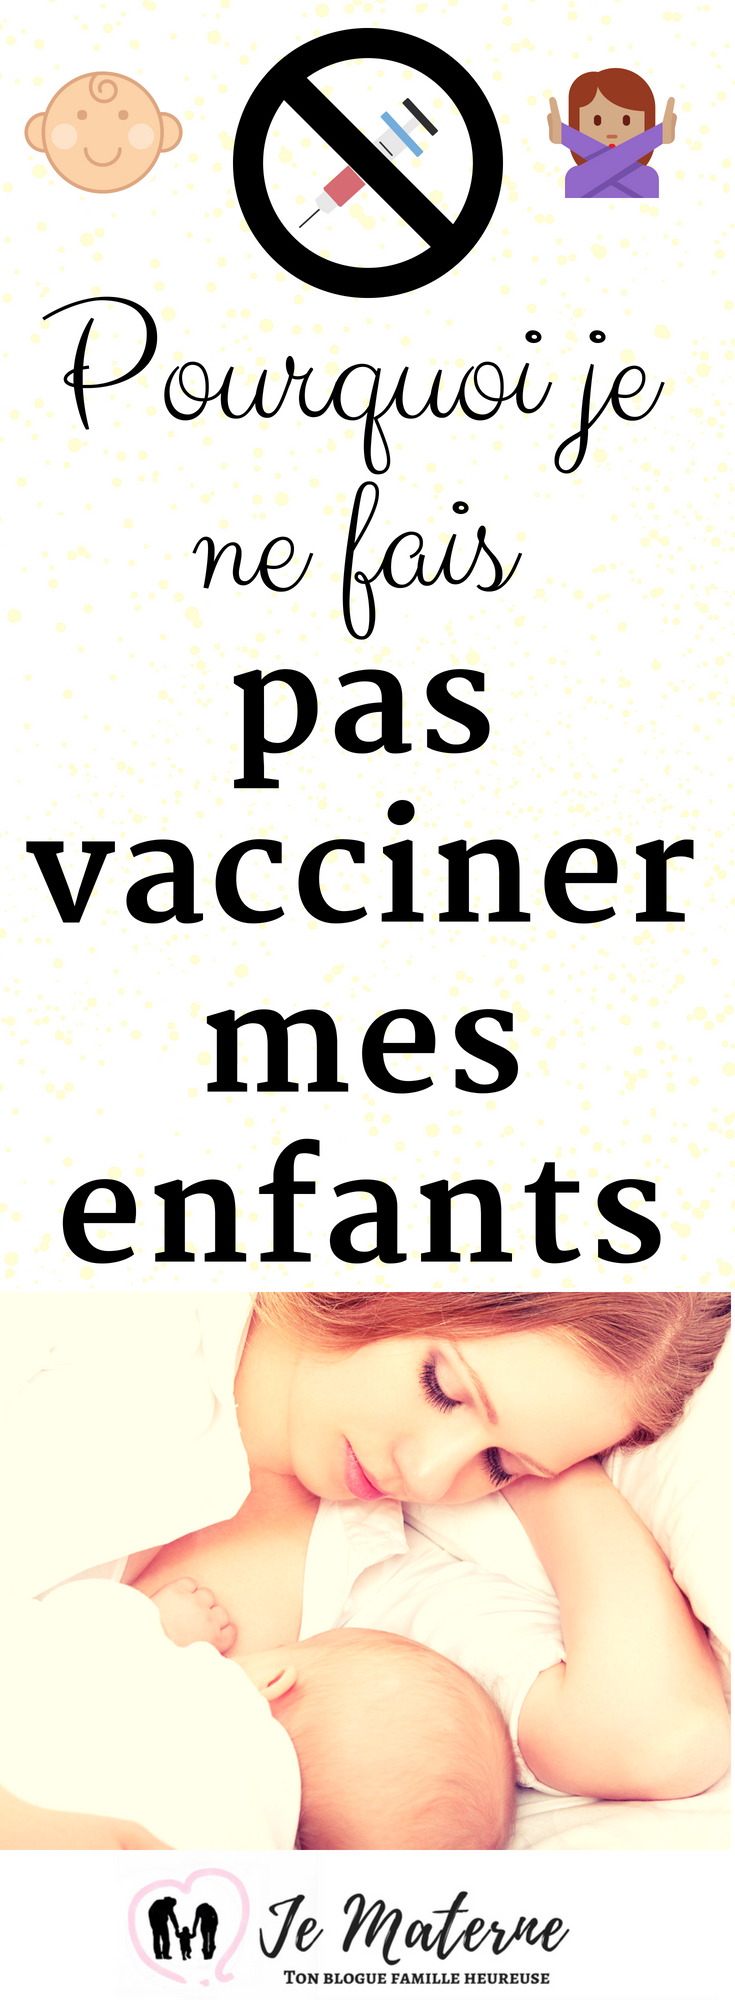 À LIRE ABSOLUMENT! Pourquoi je ne fais pas vacciner mes enfants - Lis tout cet article important sur https://jematerne.com/2017/04/12/vaccination-dangers-vaccins-pourquoi-je-ne-fais-pas-vacciner-mes-enfants #vaccination #immunisation #bébé #enfant #famille